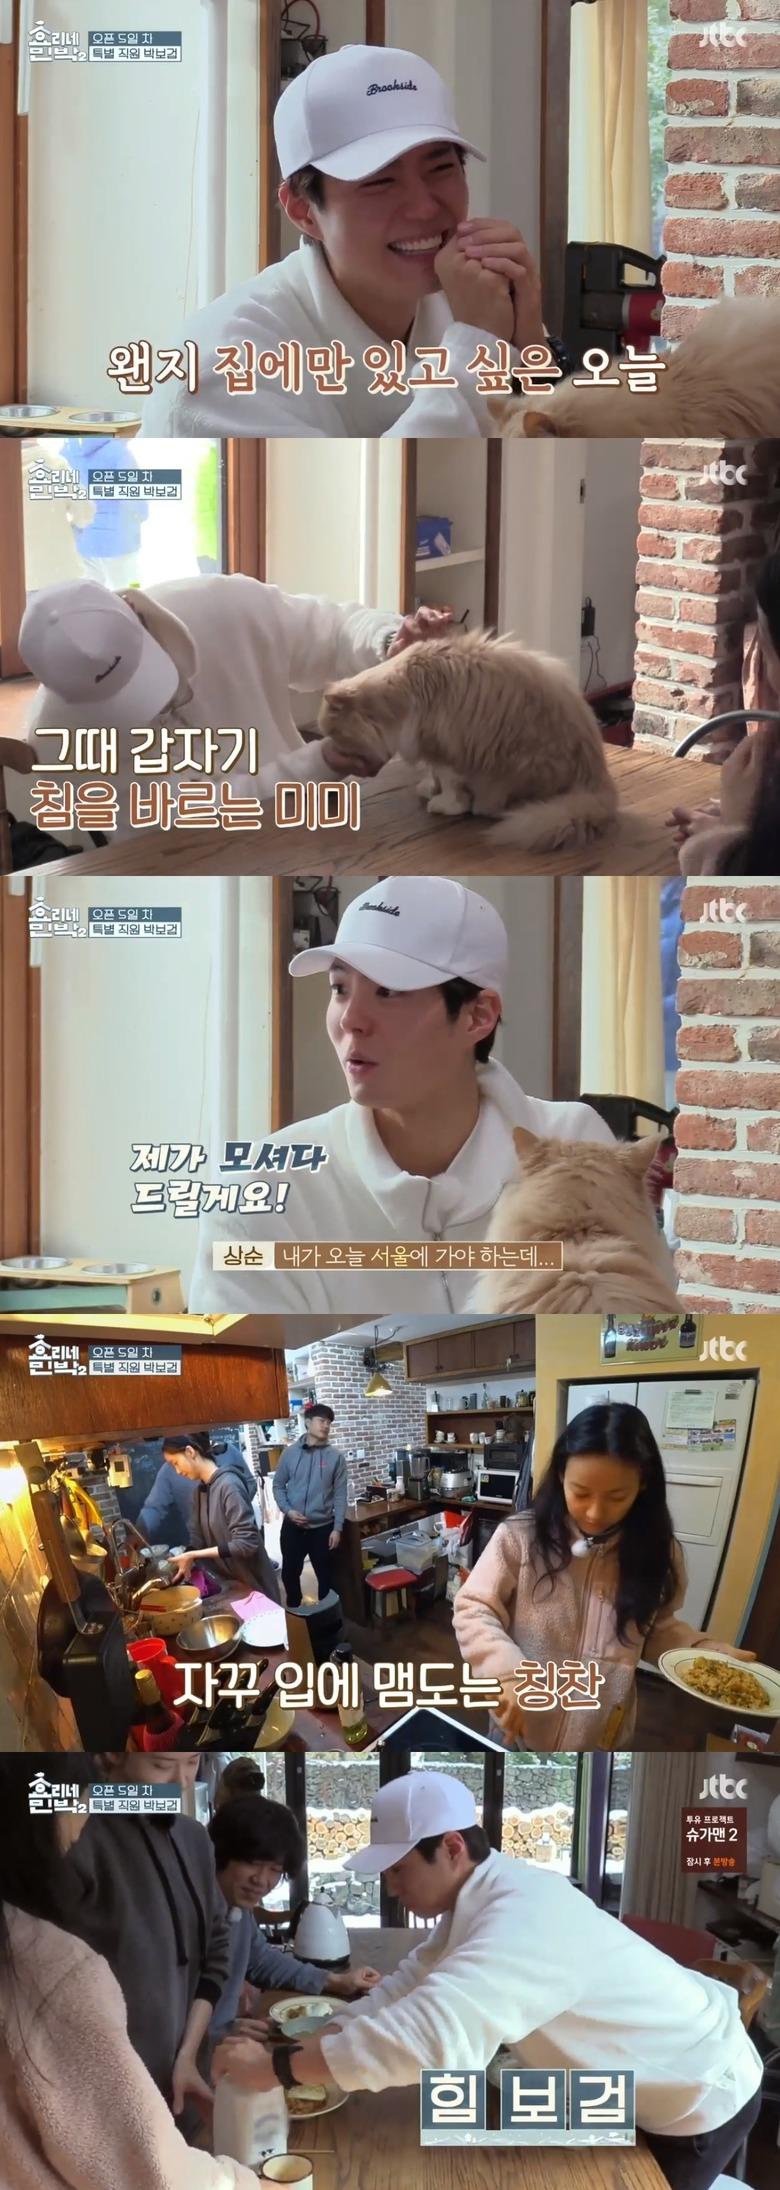 '효리네민박2' 박보검, 오매불망 기